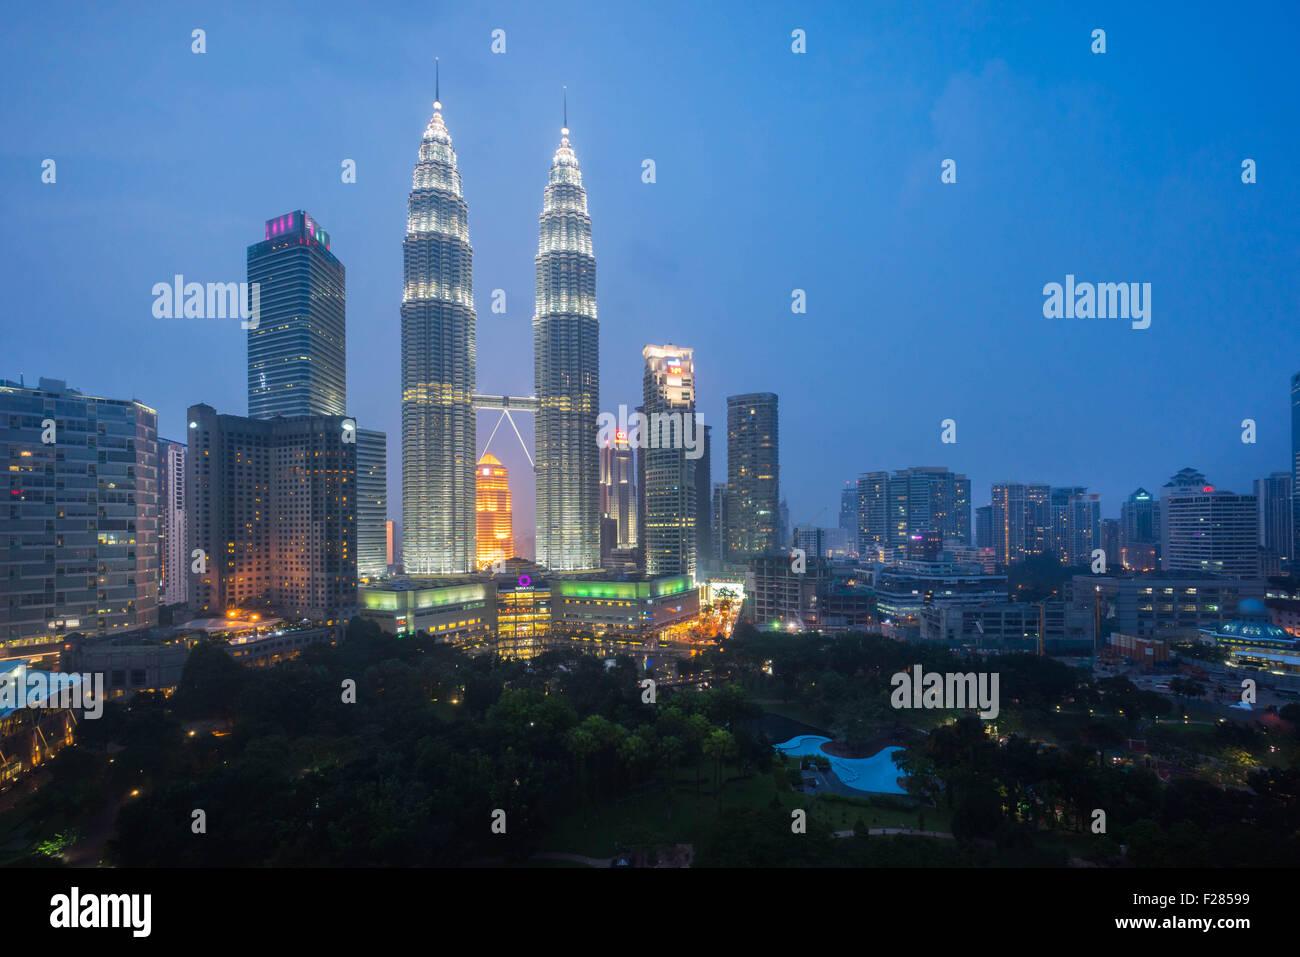 He Petronas Zwillingstürme Klcc bei Sonnenuntergang blaue Stunde gesehen von der Händler-skybar Stockbild